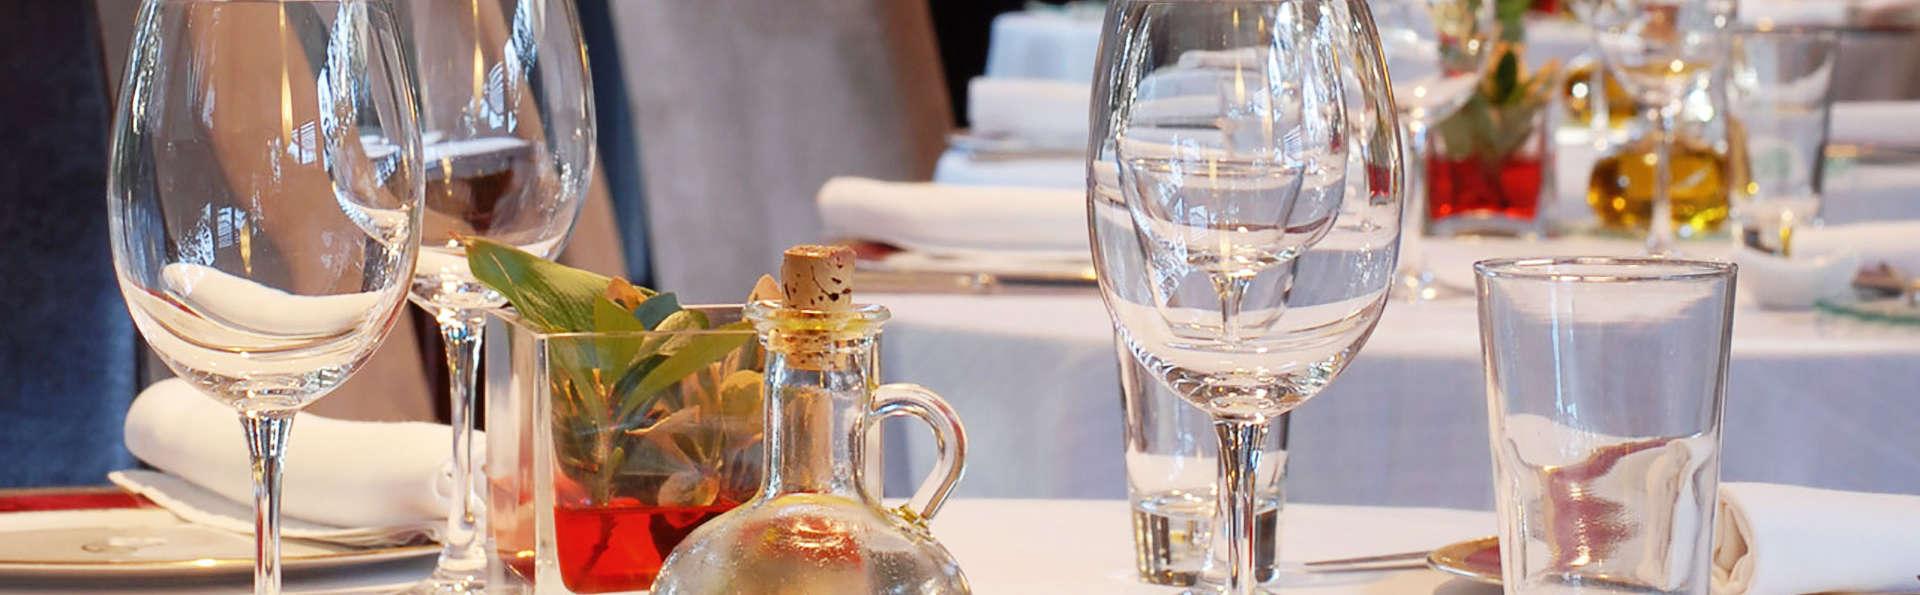 Luxe, bien-être et gastronomie à Tarragone